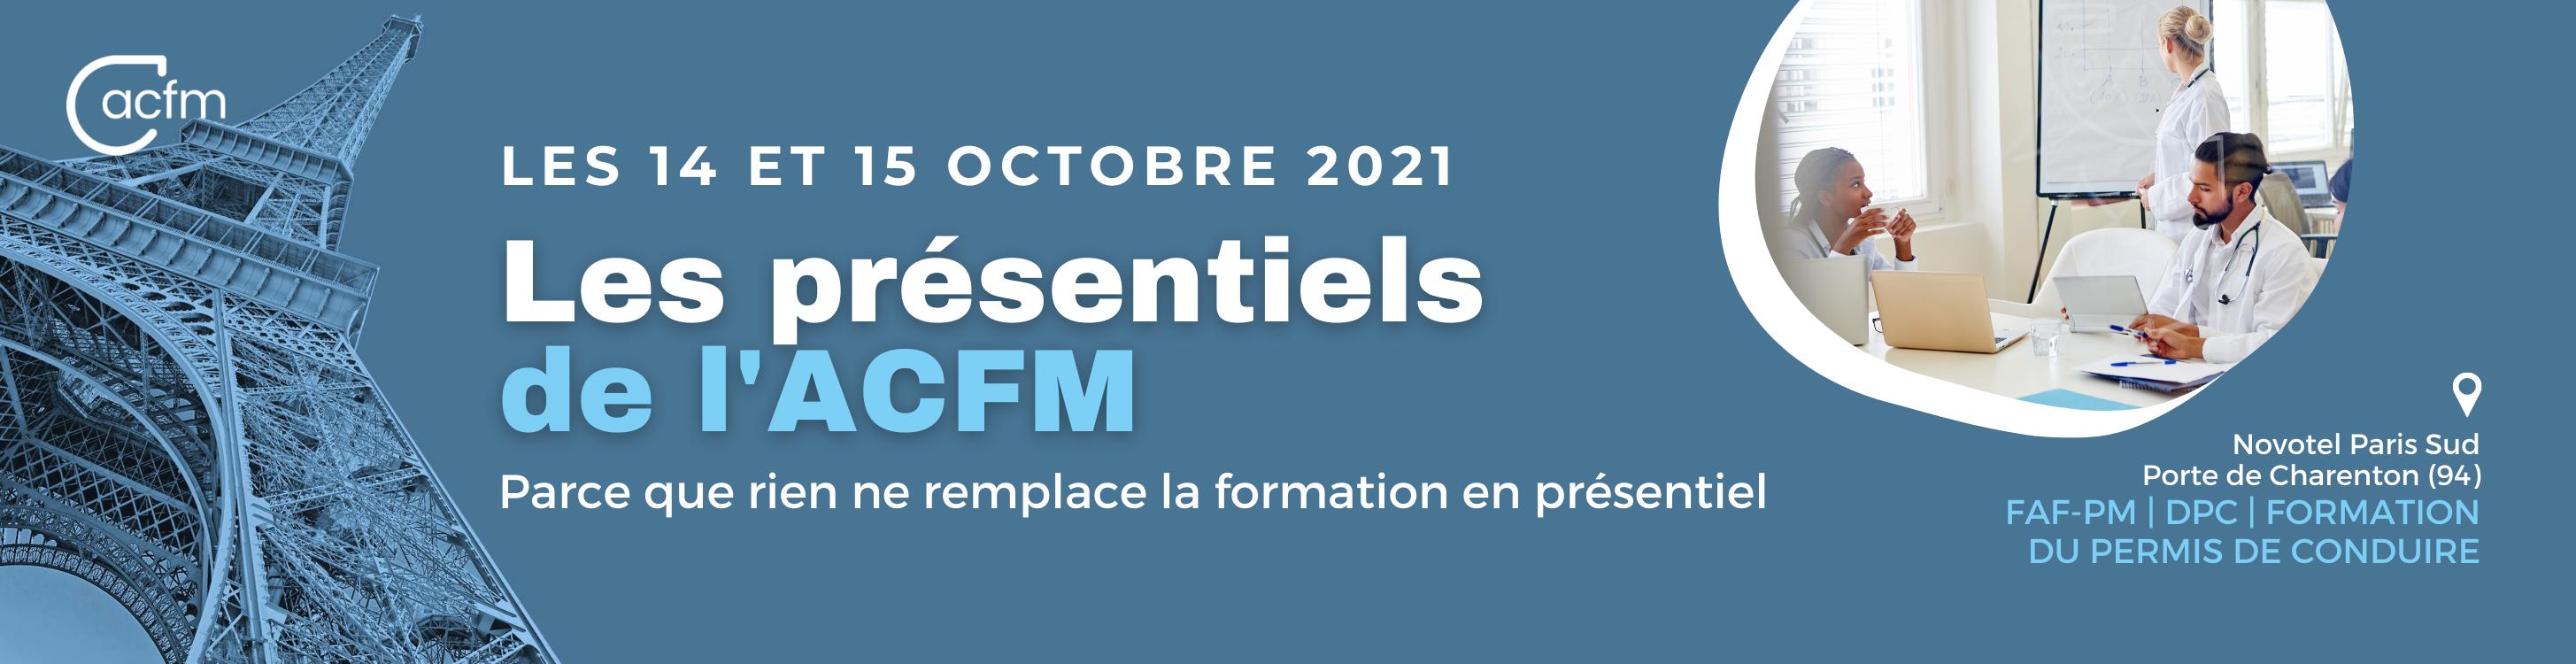 Les présentiels de l'ACFM